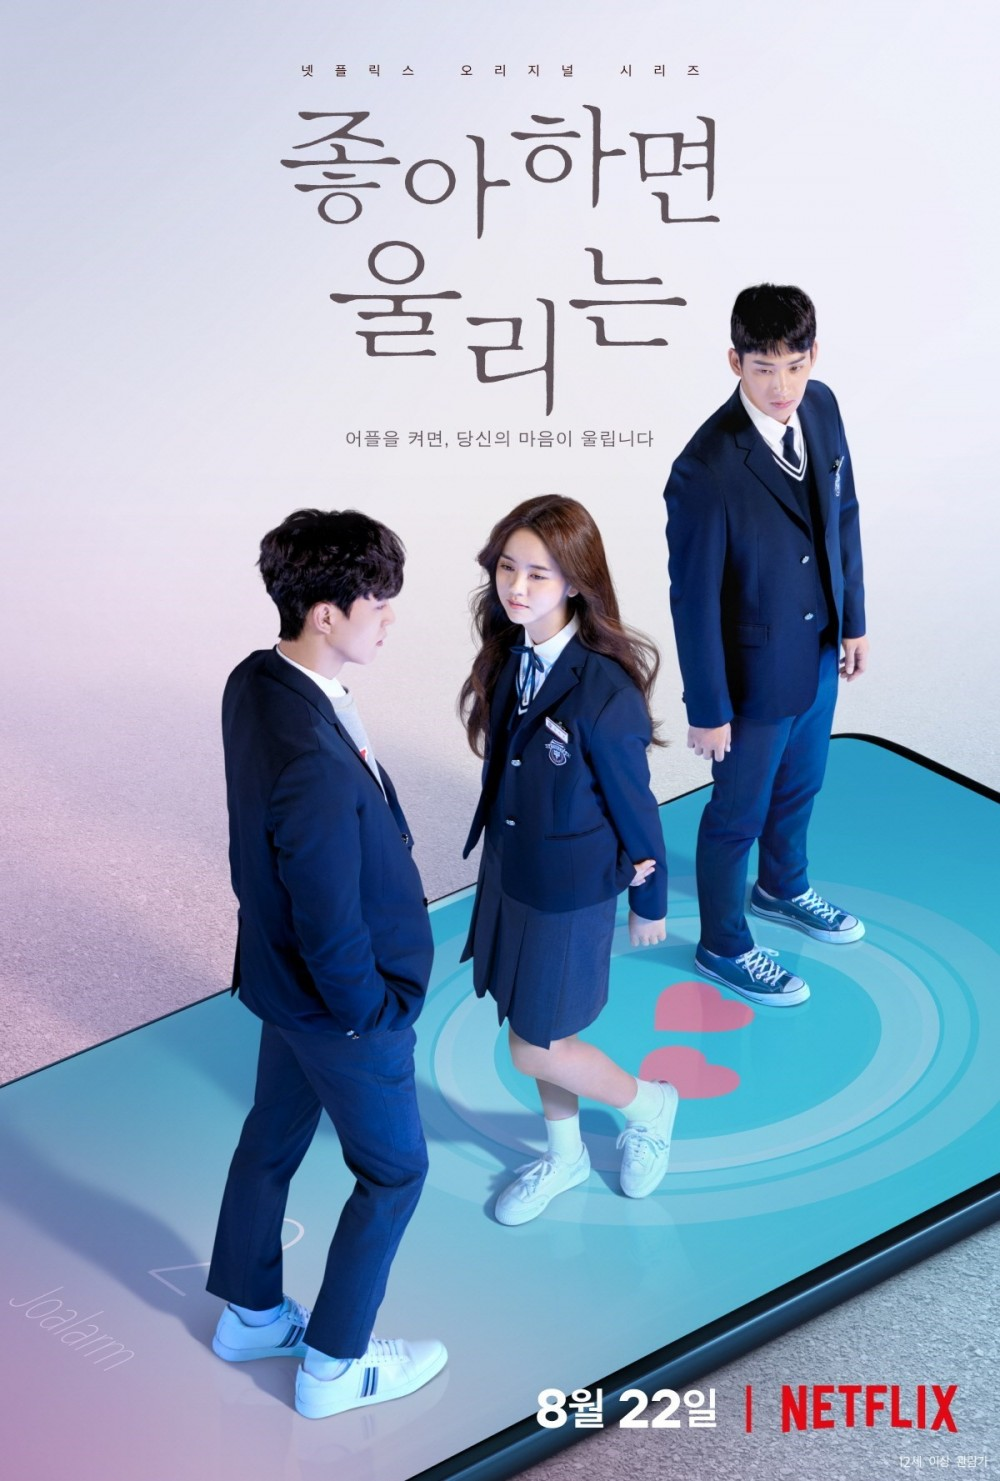 Phim học đường Hàn Quốc hay - Chuông Báo Tình Yêu - Phim chuyển thể Webtoon (2019)